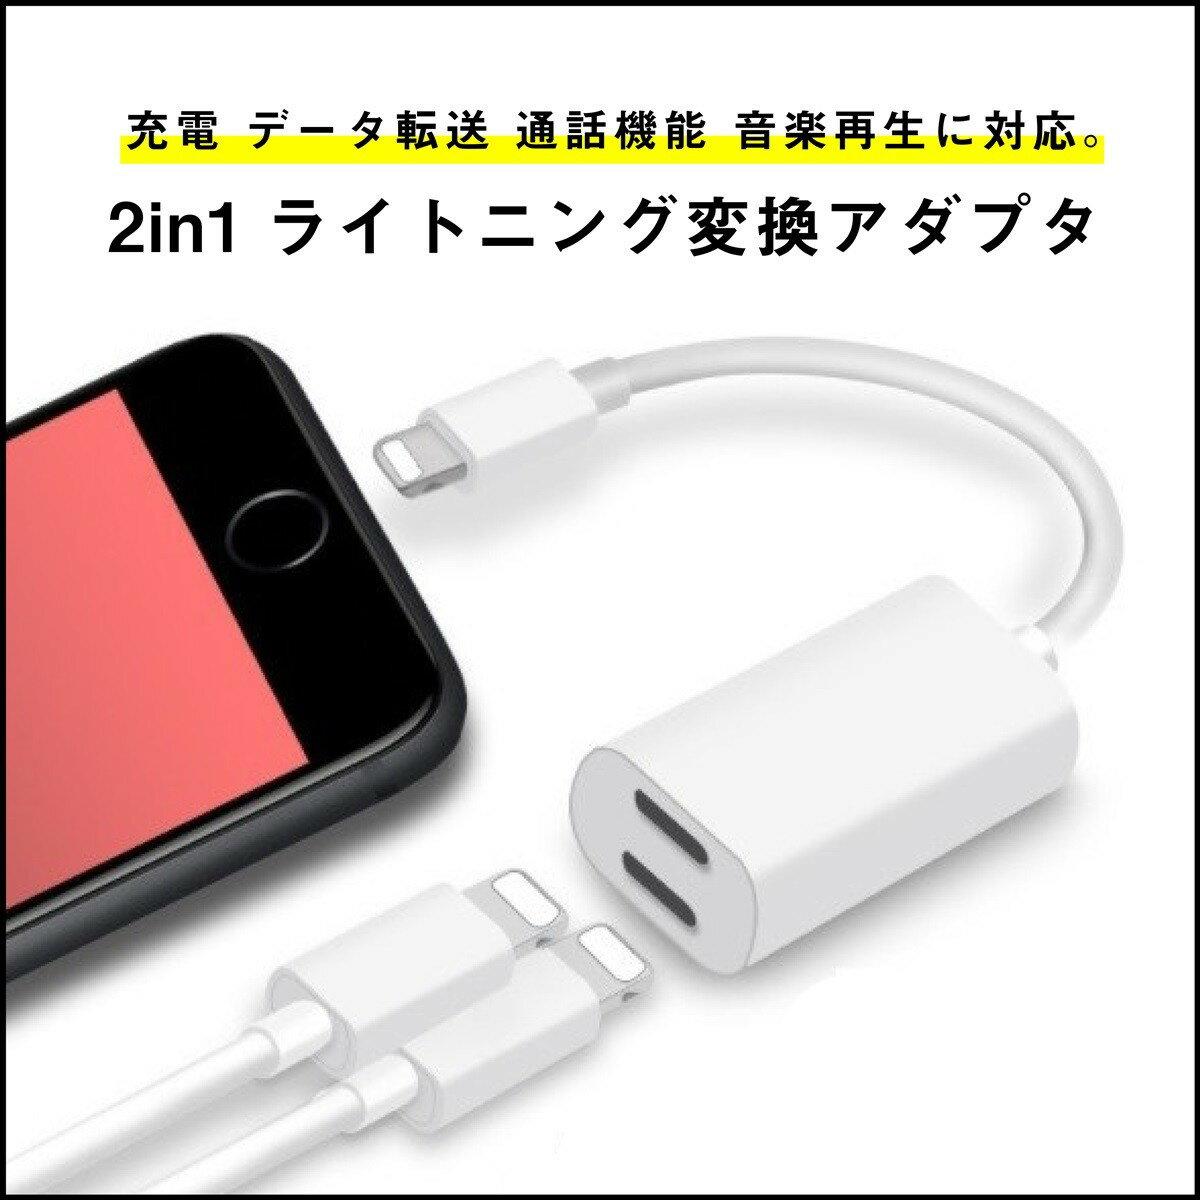 ライトニング 変換アダプタ 2in1 lightning ケーブル イヤホン 充電 データ転送 通話機能 音楽再生 iPhone X 8 7 Plus 対応